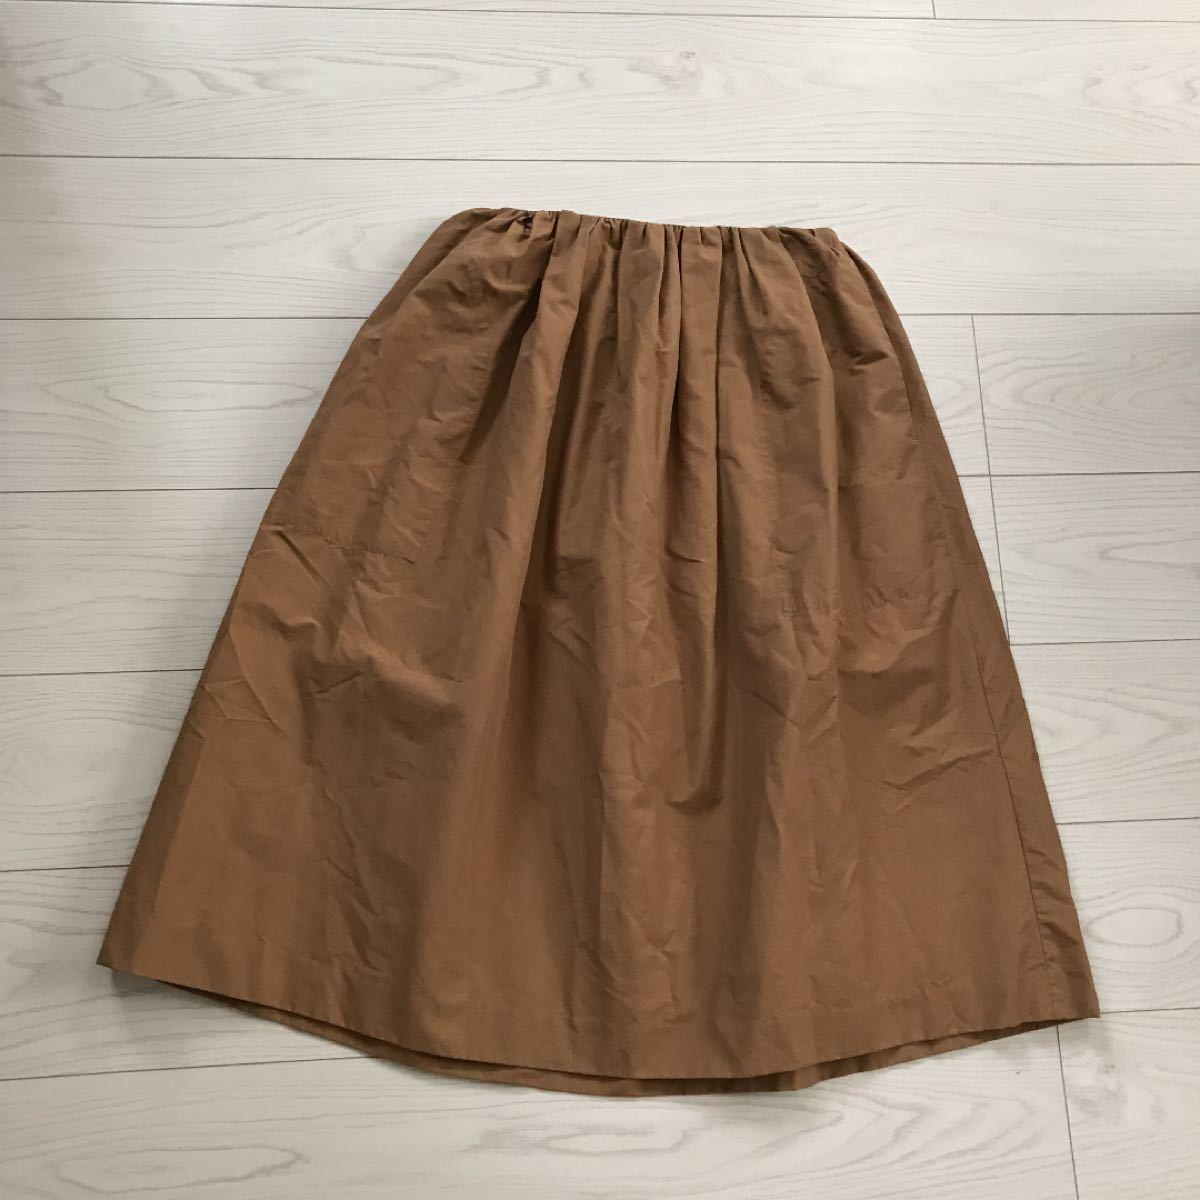 ニコアンドniko andゆったりフリーサイズ着丈70ウエスト平置36ゴム秋冬物スカート試着のみ美品 ギャザースカート